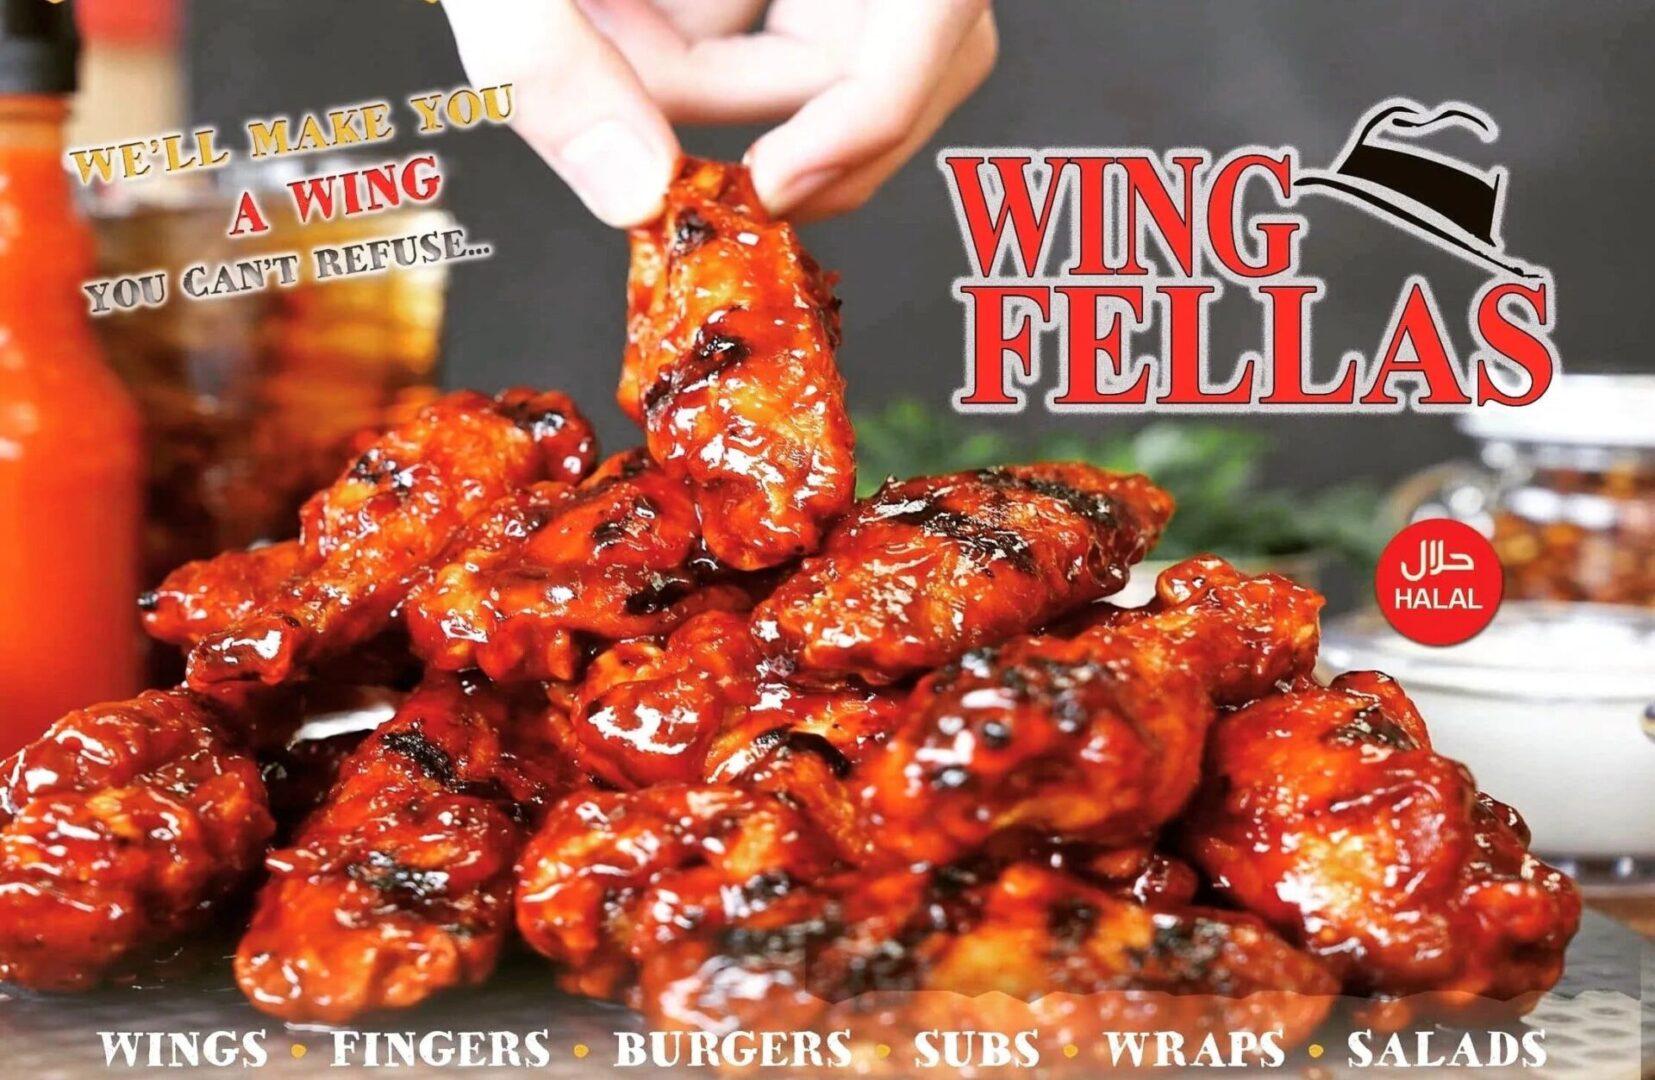 Wings Fellas